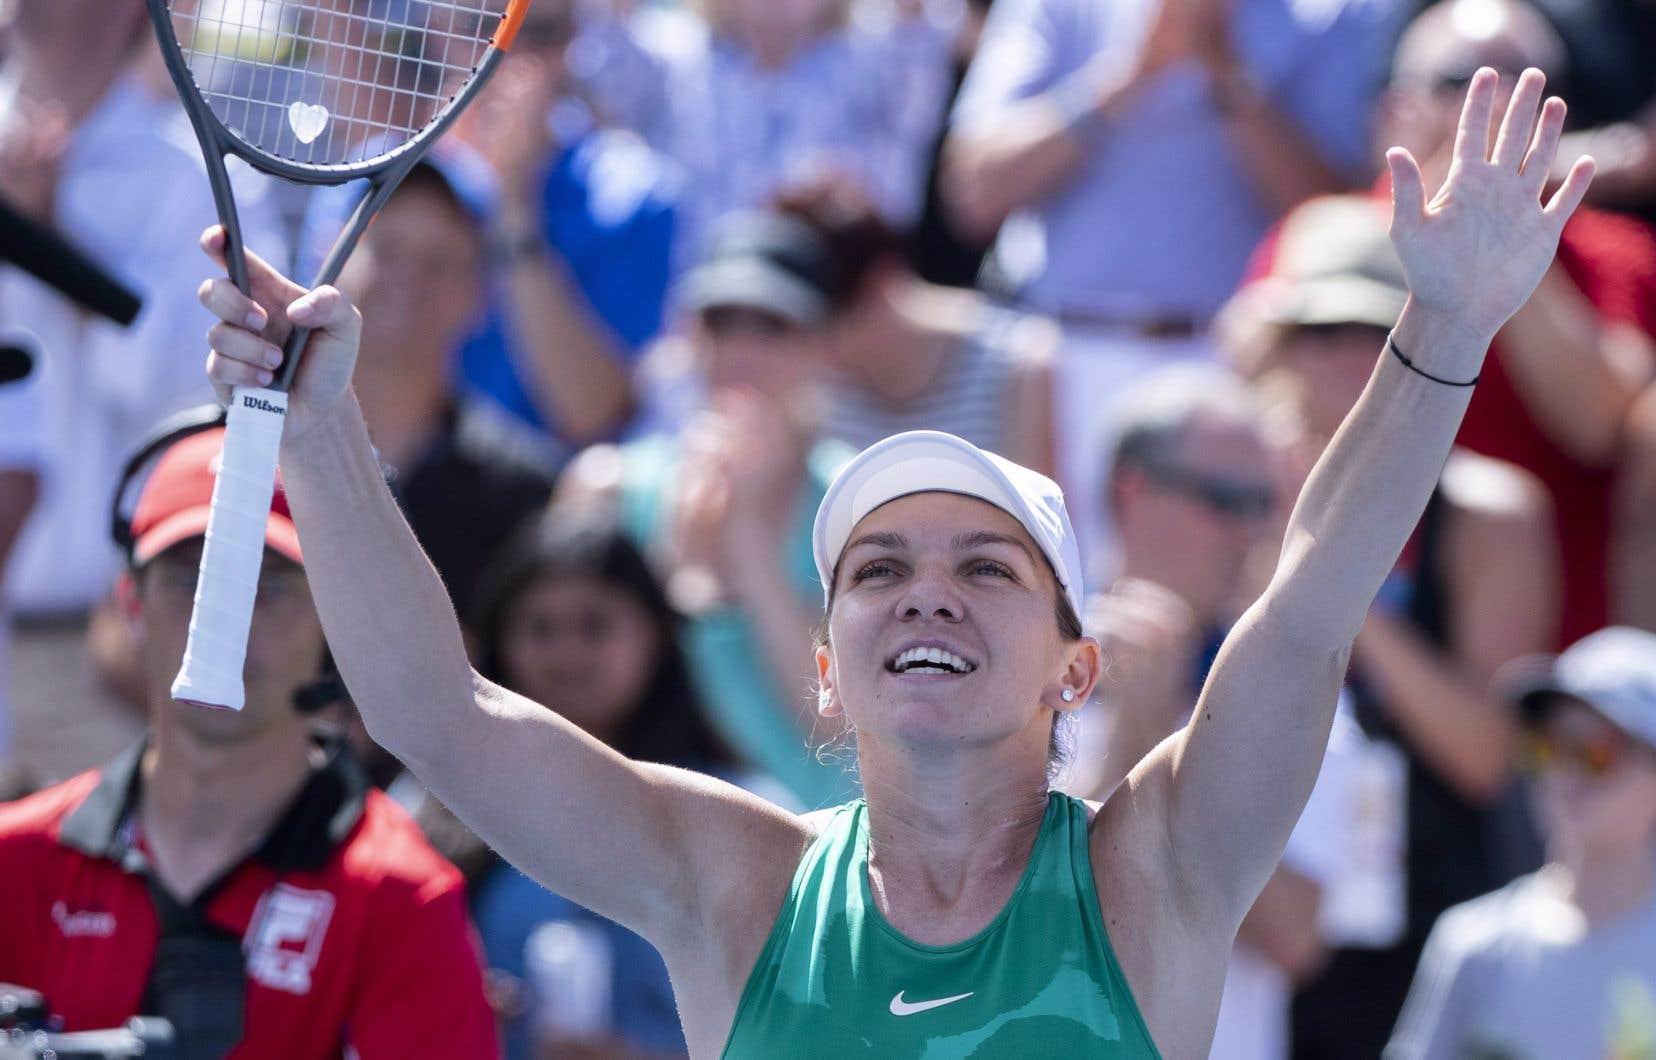 La Roumaine Simona Halep célèbre sa victoire contre l'Australienne Ashleigh Barty lors des demi-finales du tournoi de tennis de la Coupe Rogers, le samedi 11 août 2018 à Montréal.